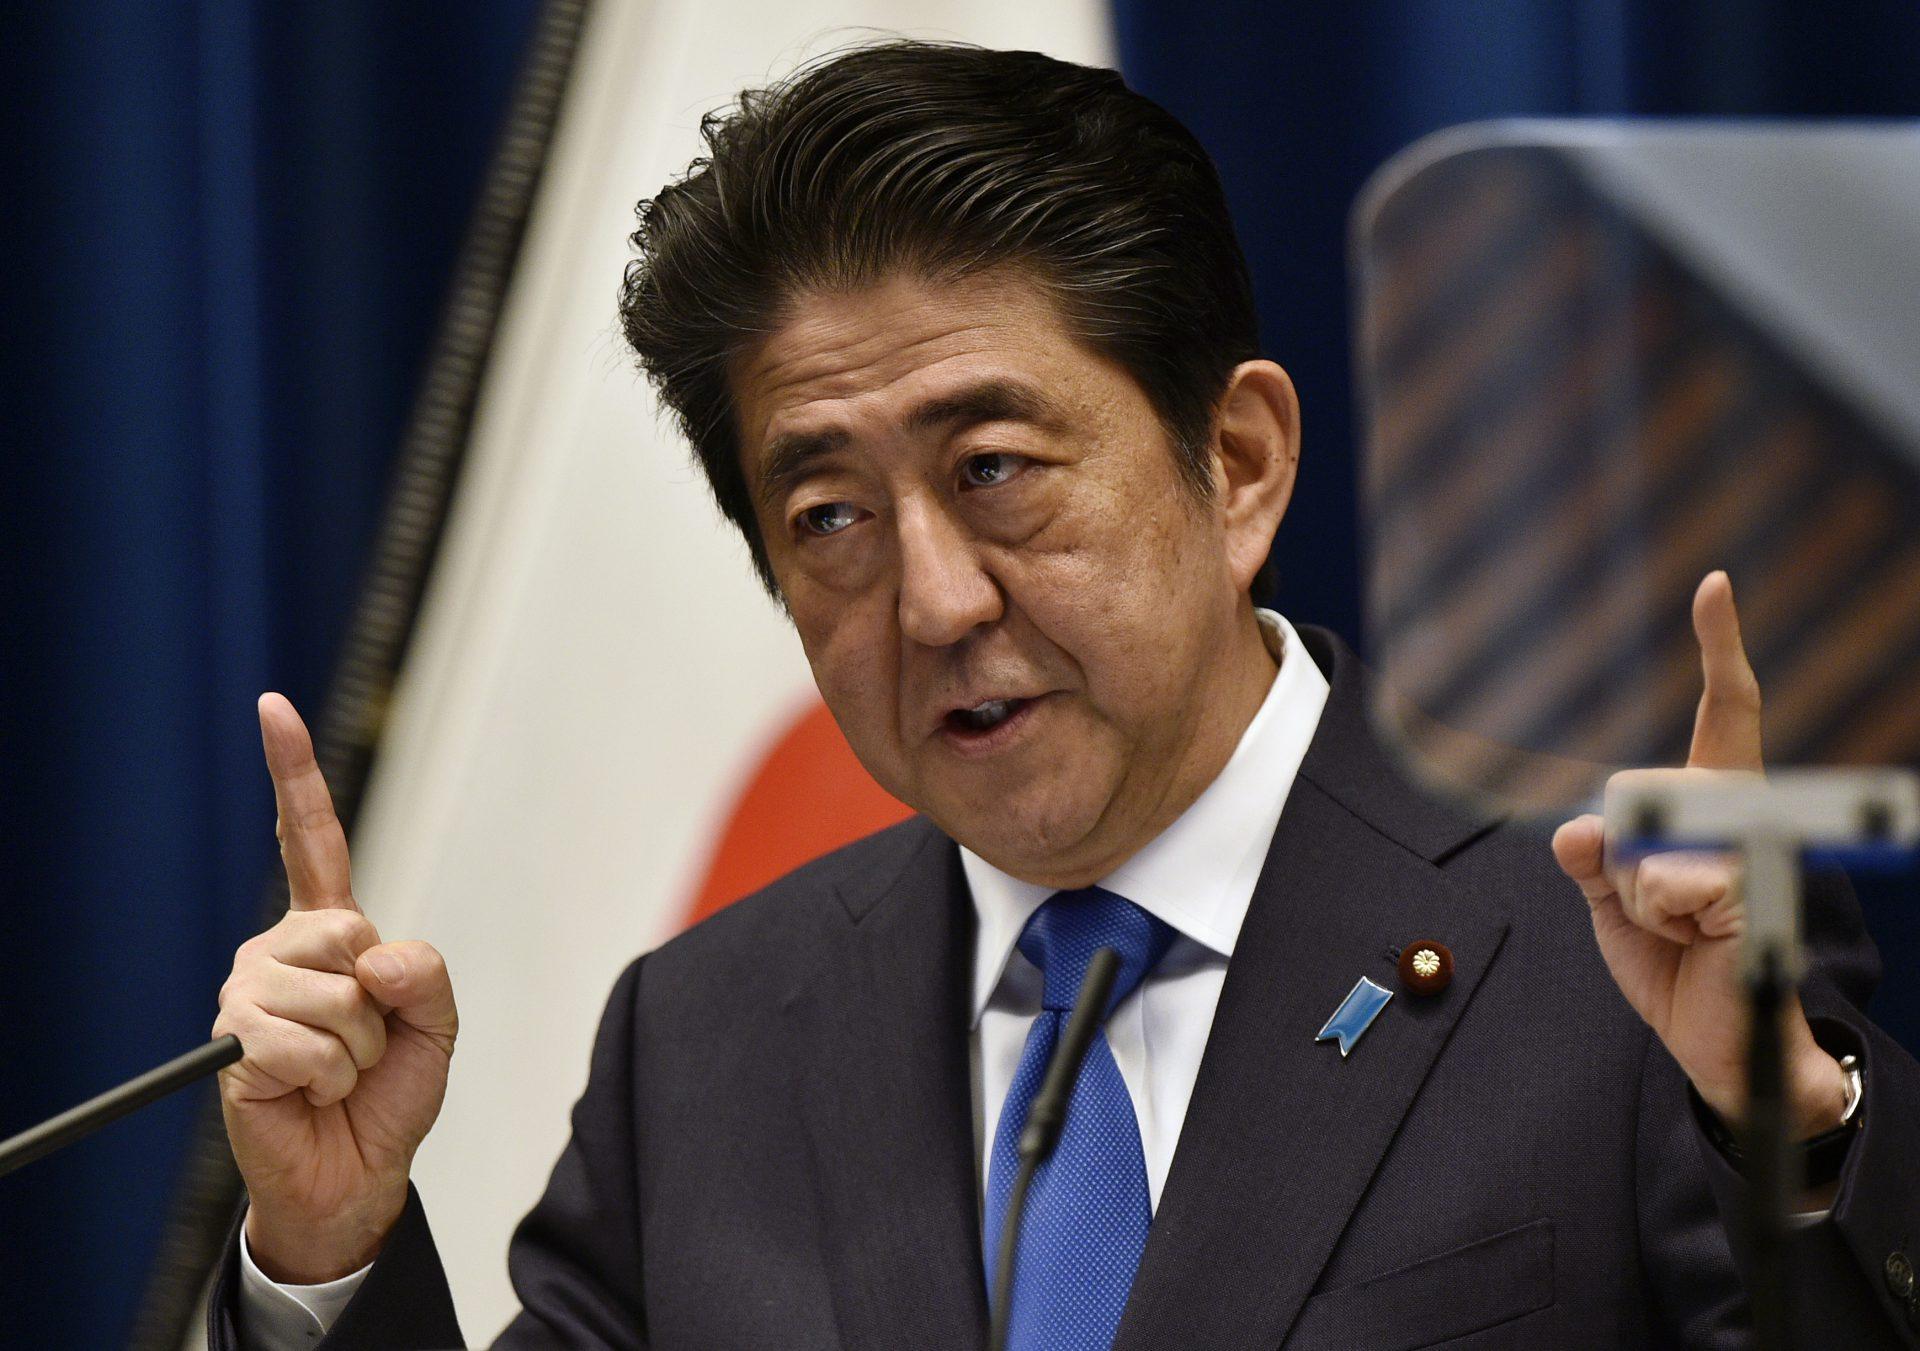 رئيس الوزراء الياباني يتوعد بتعامل حكومته بحزم مع قرار المحكمة الكورية